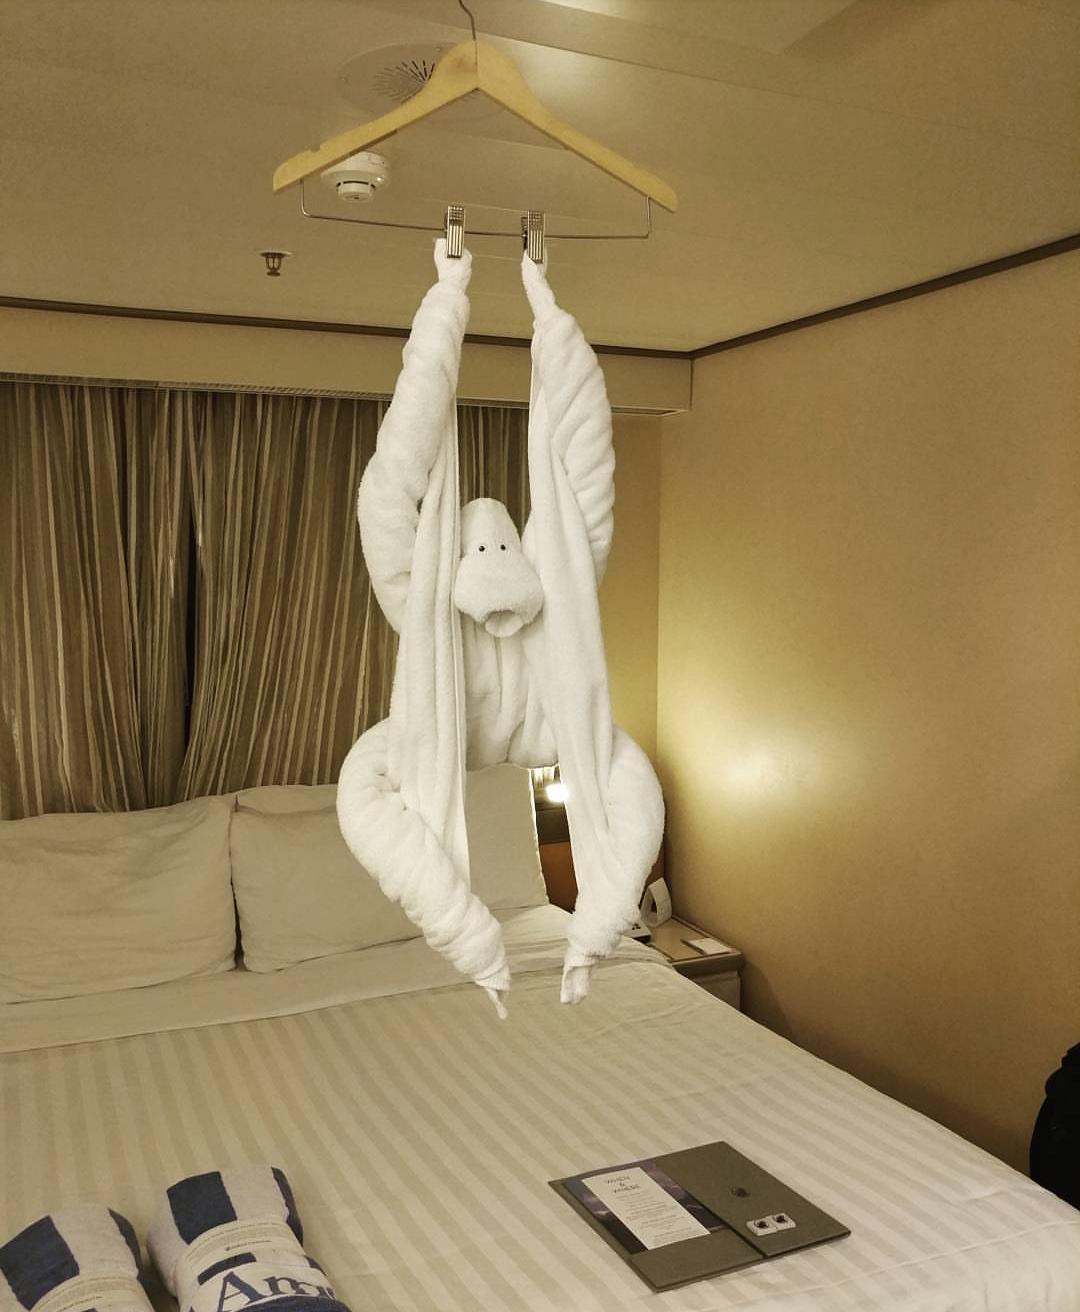 Открыток, смешные картинки про отели